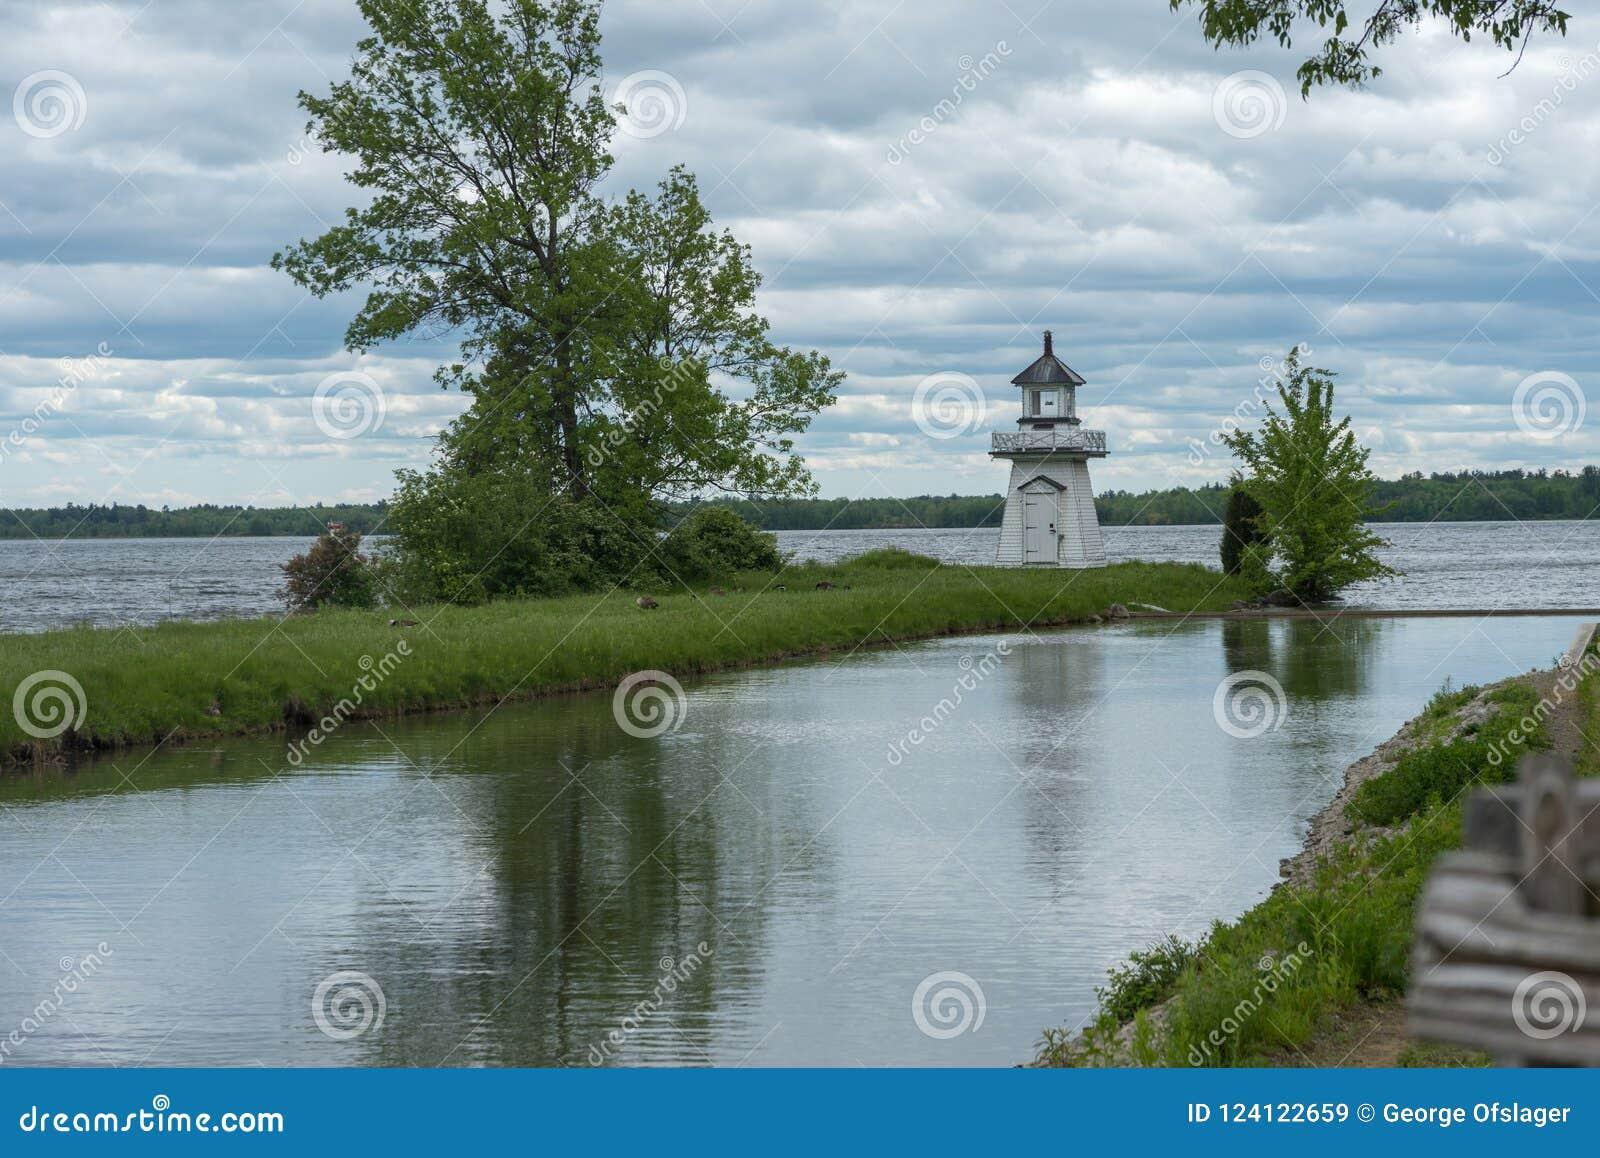 Старые канал и маяк в верхней деревне Канады, Онтарио